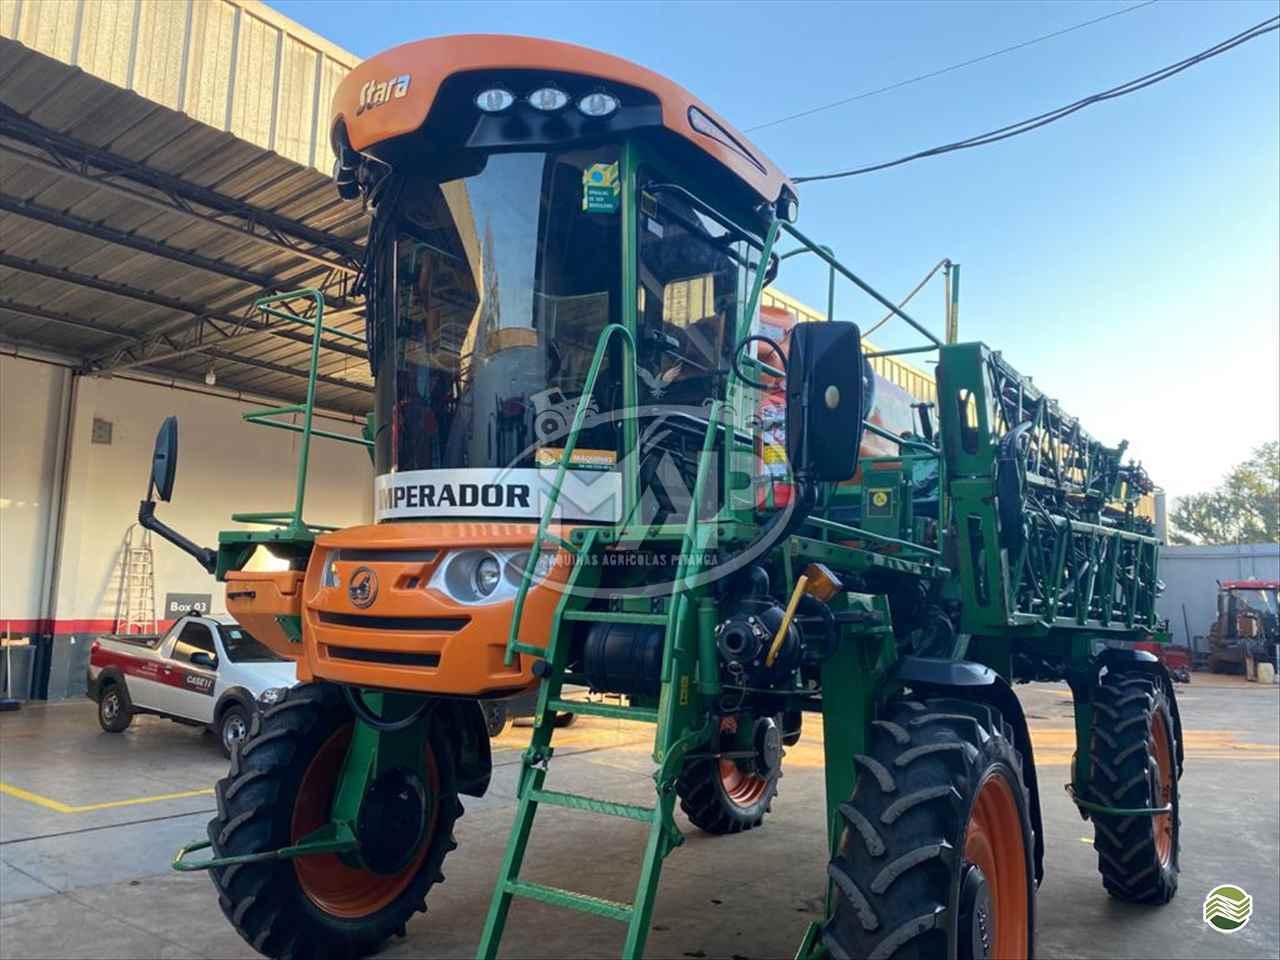 PULVERIZADOR STARA IMPERADOR 2650 Tração 4x4 Máquinas Agrícolas Pitanga PITANGA PARANÁ PR